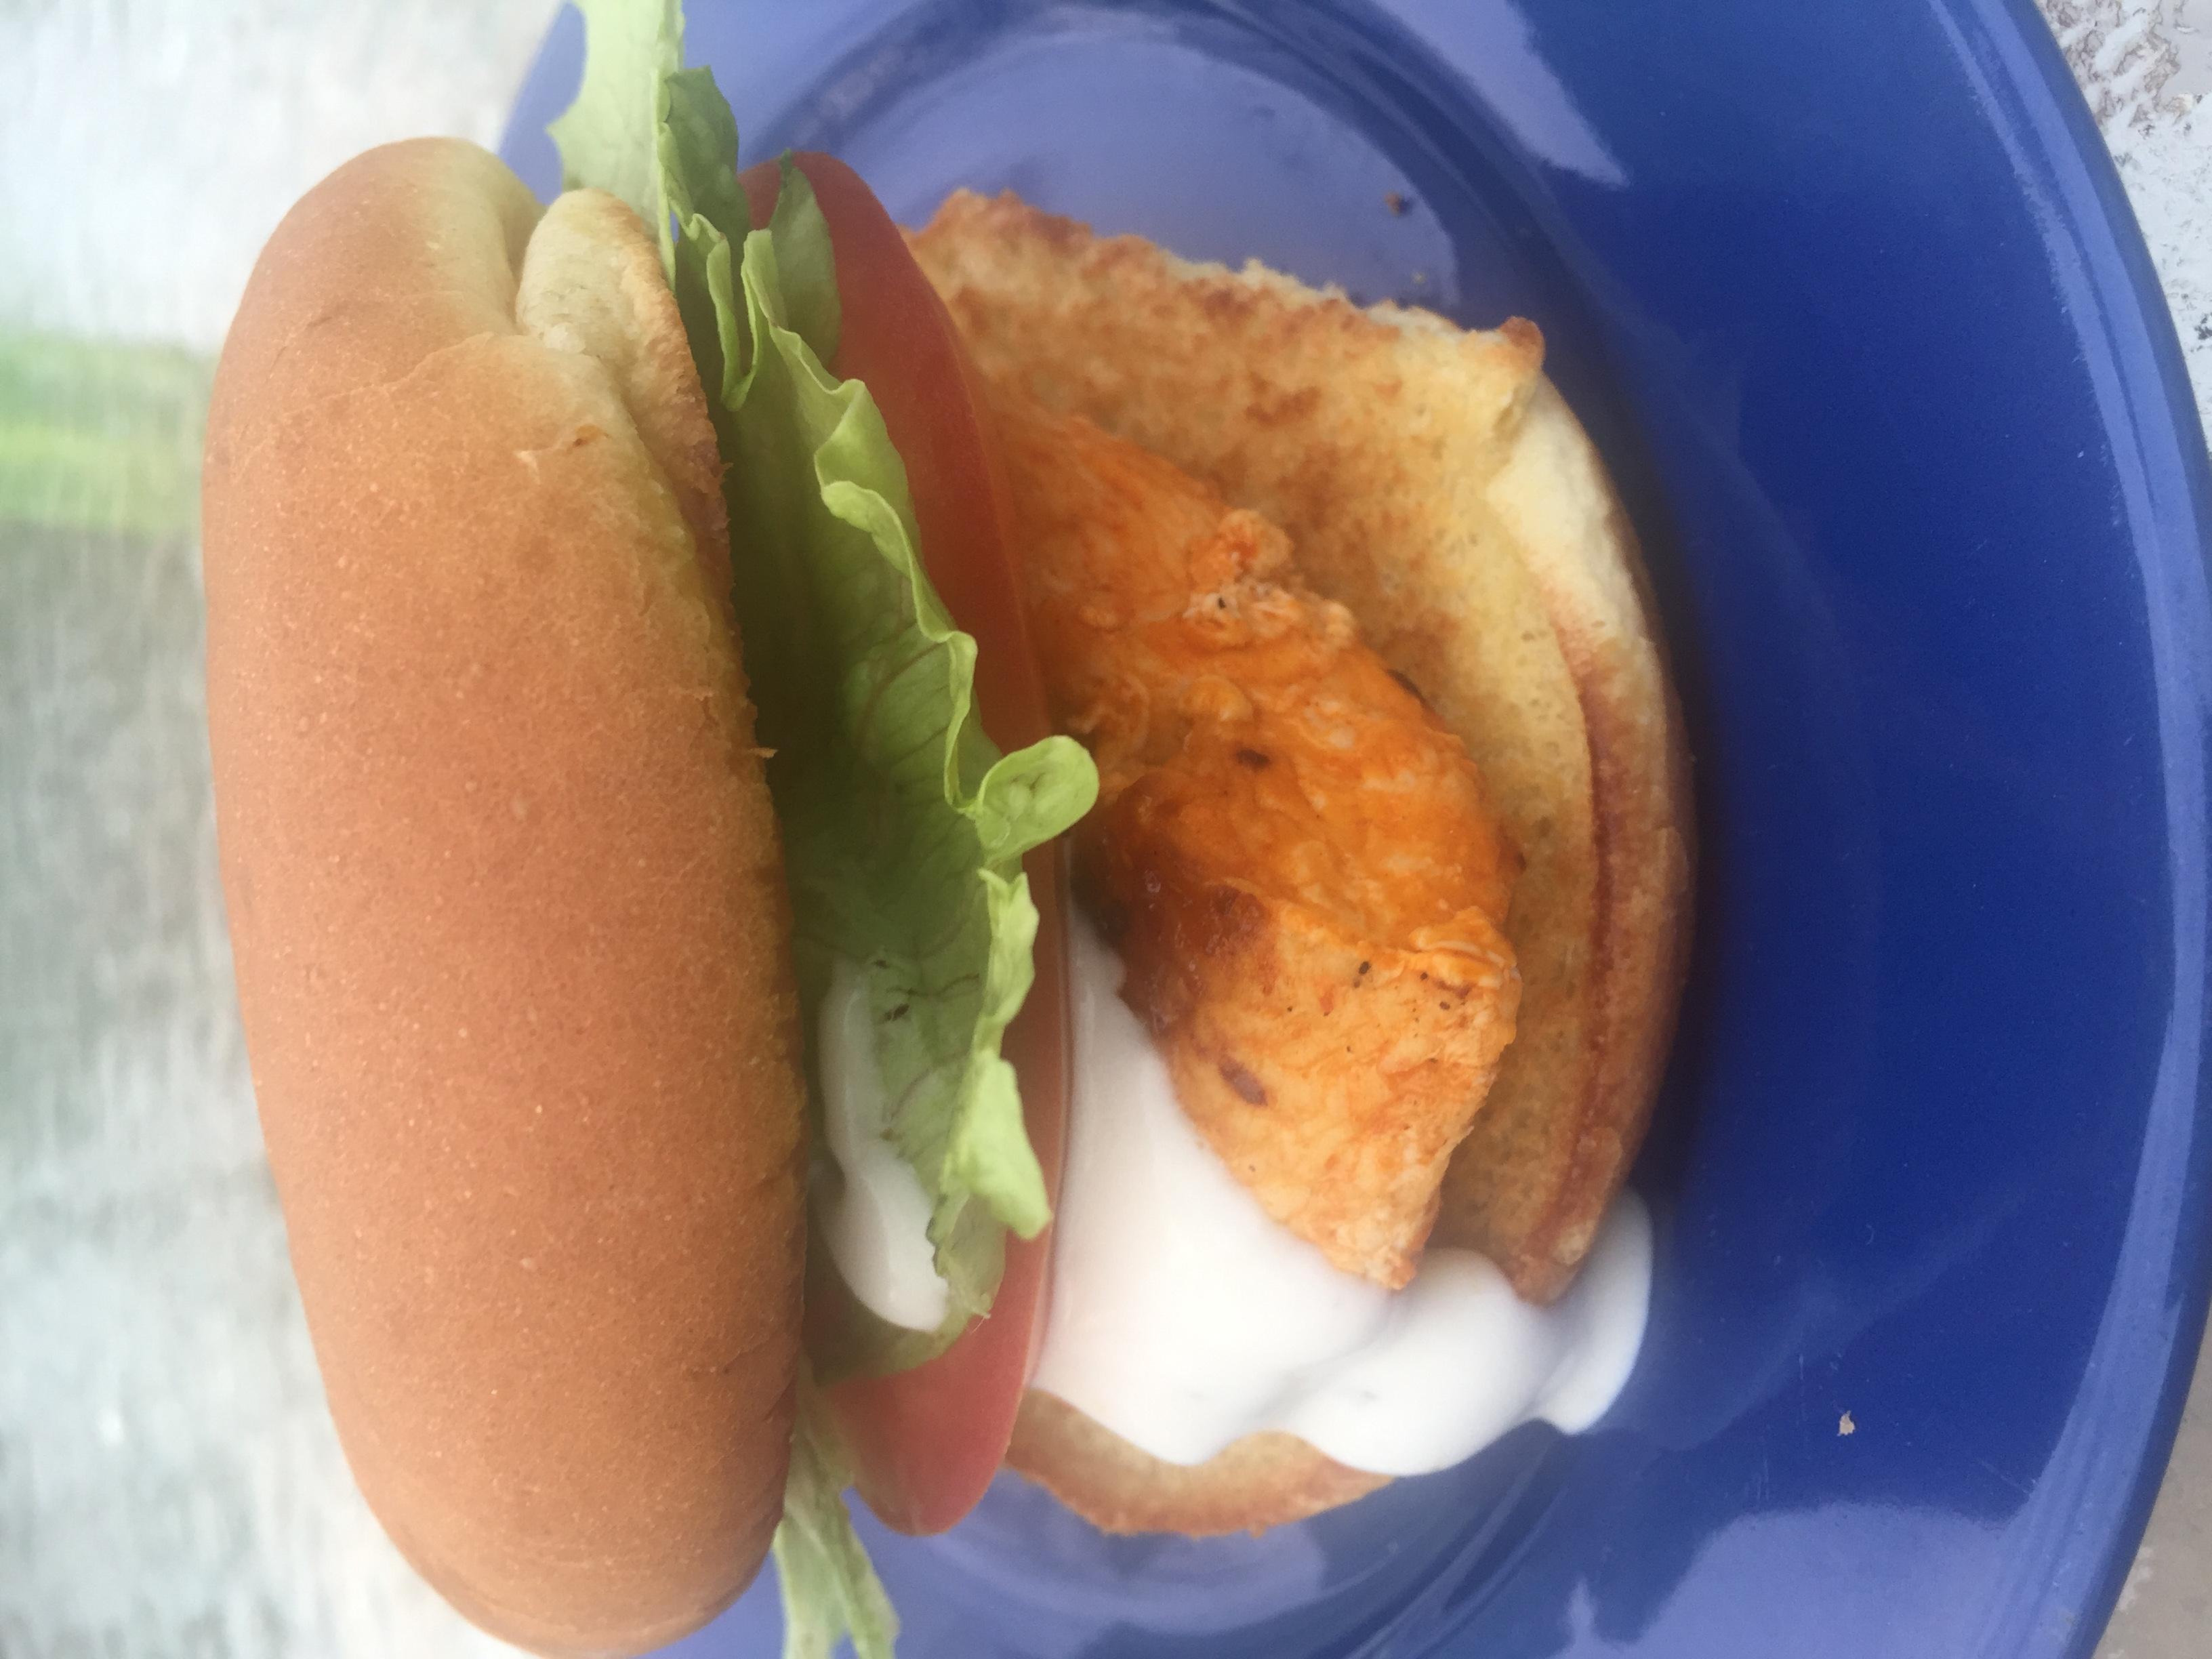 Spicy Buffalo Chicken Sandwich MommaBean3